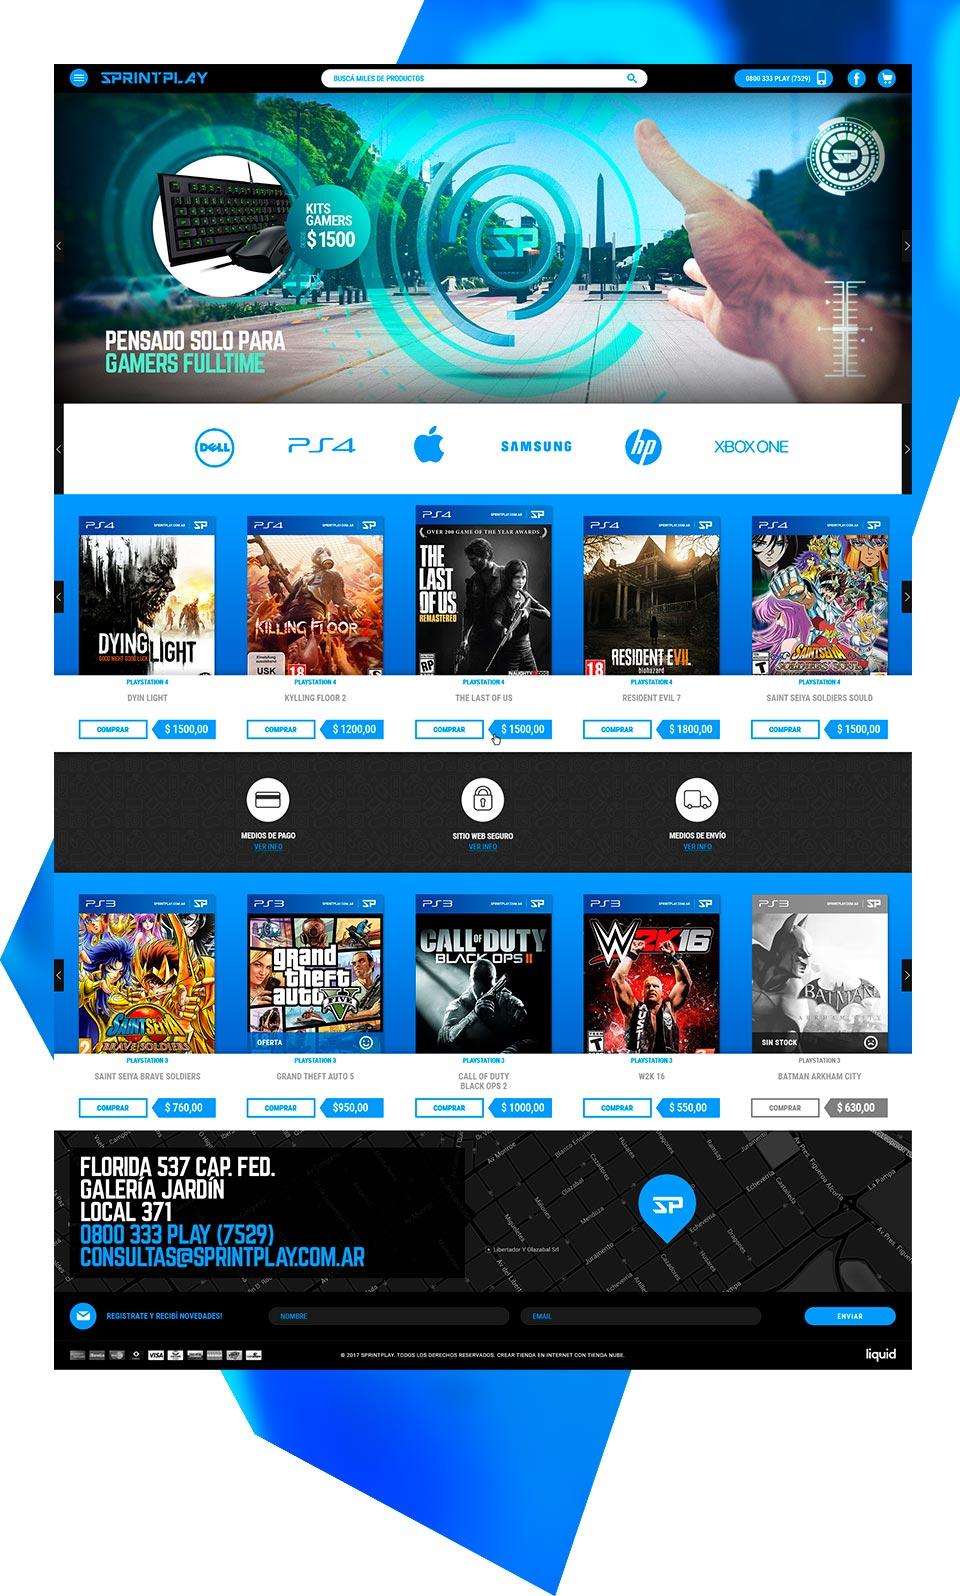 Diseño de la página de Inicio de la Tienda Online de Sprintplay.